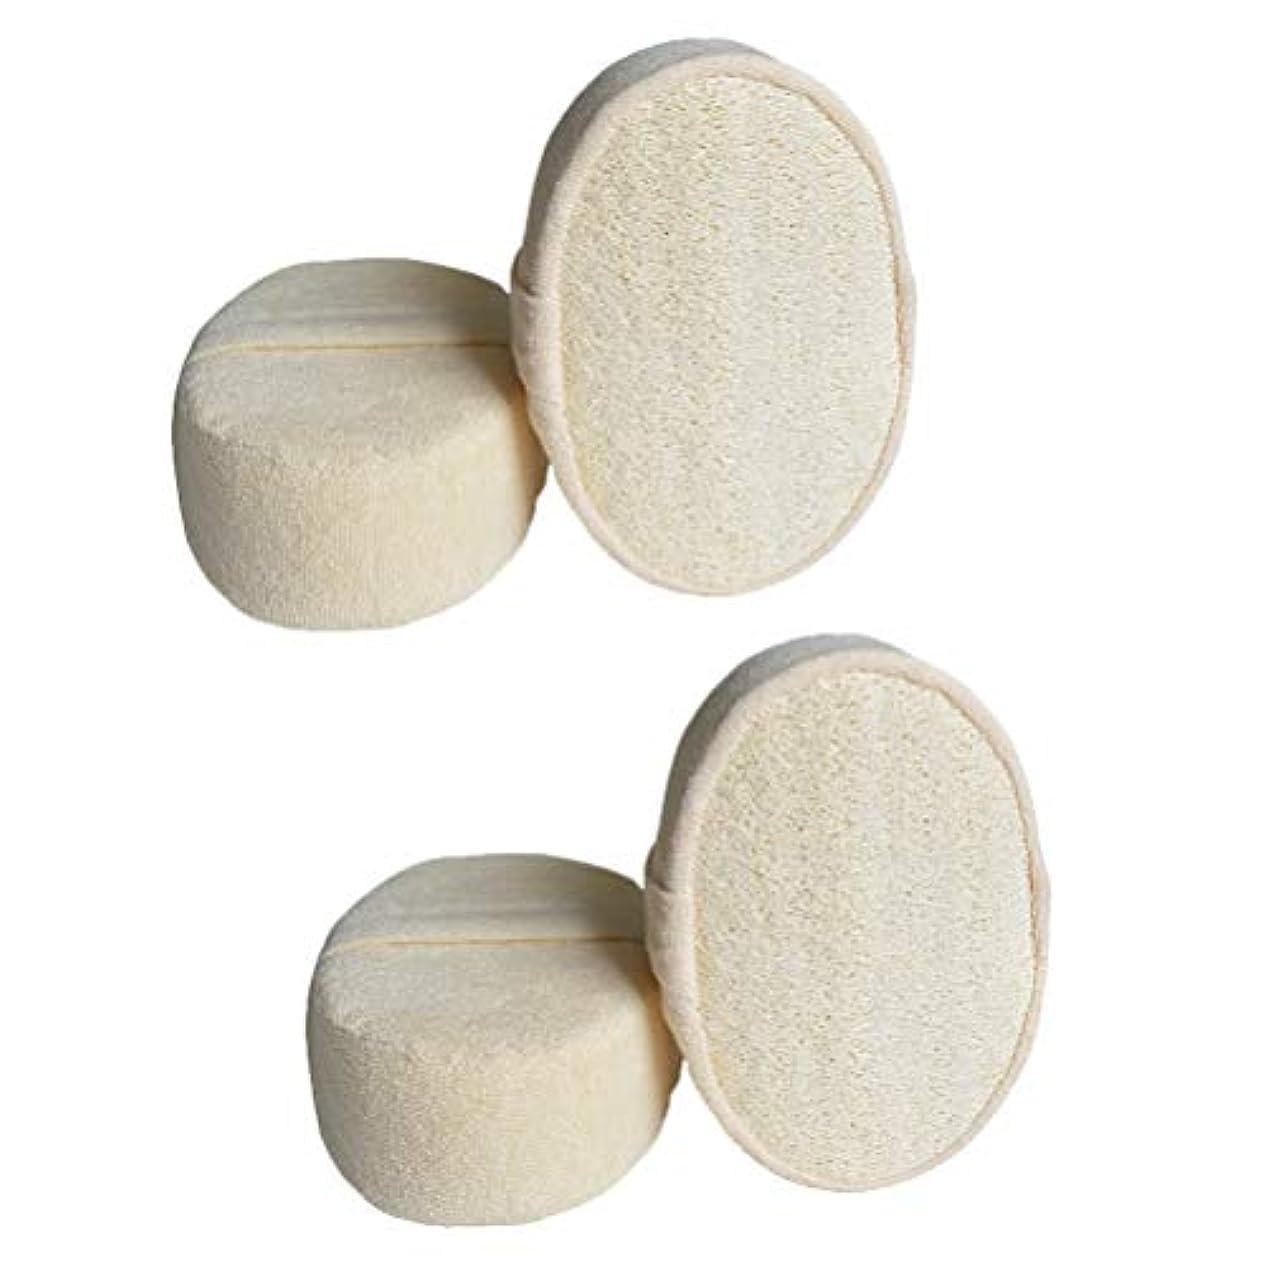 現象私たち自身サッカーHealifty 4ピース剥離剥離剤パッドloofaスポンジスクラバーブラシ用風呂スパシャワー